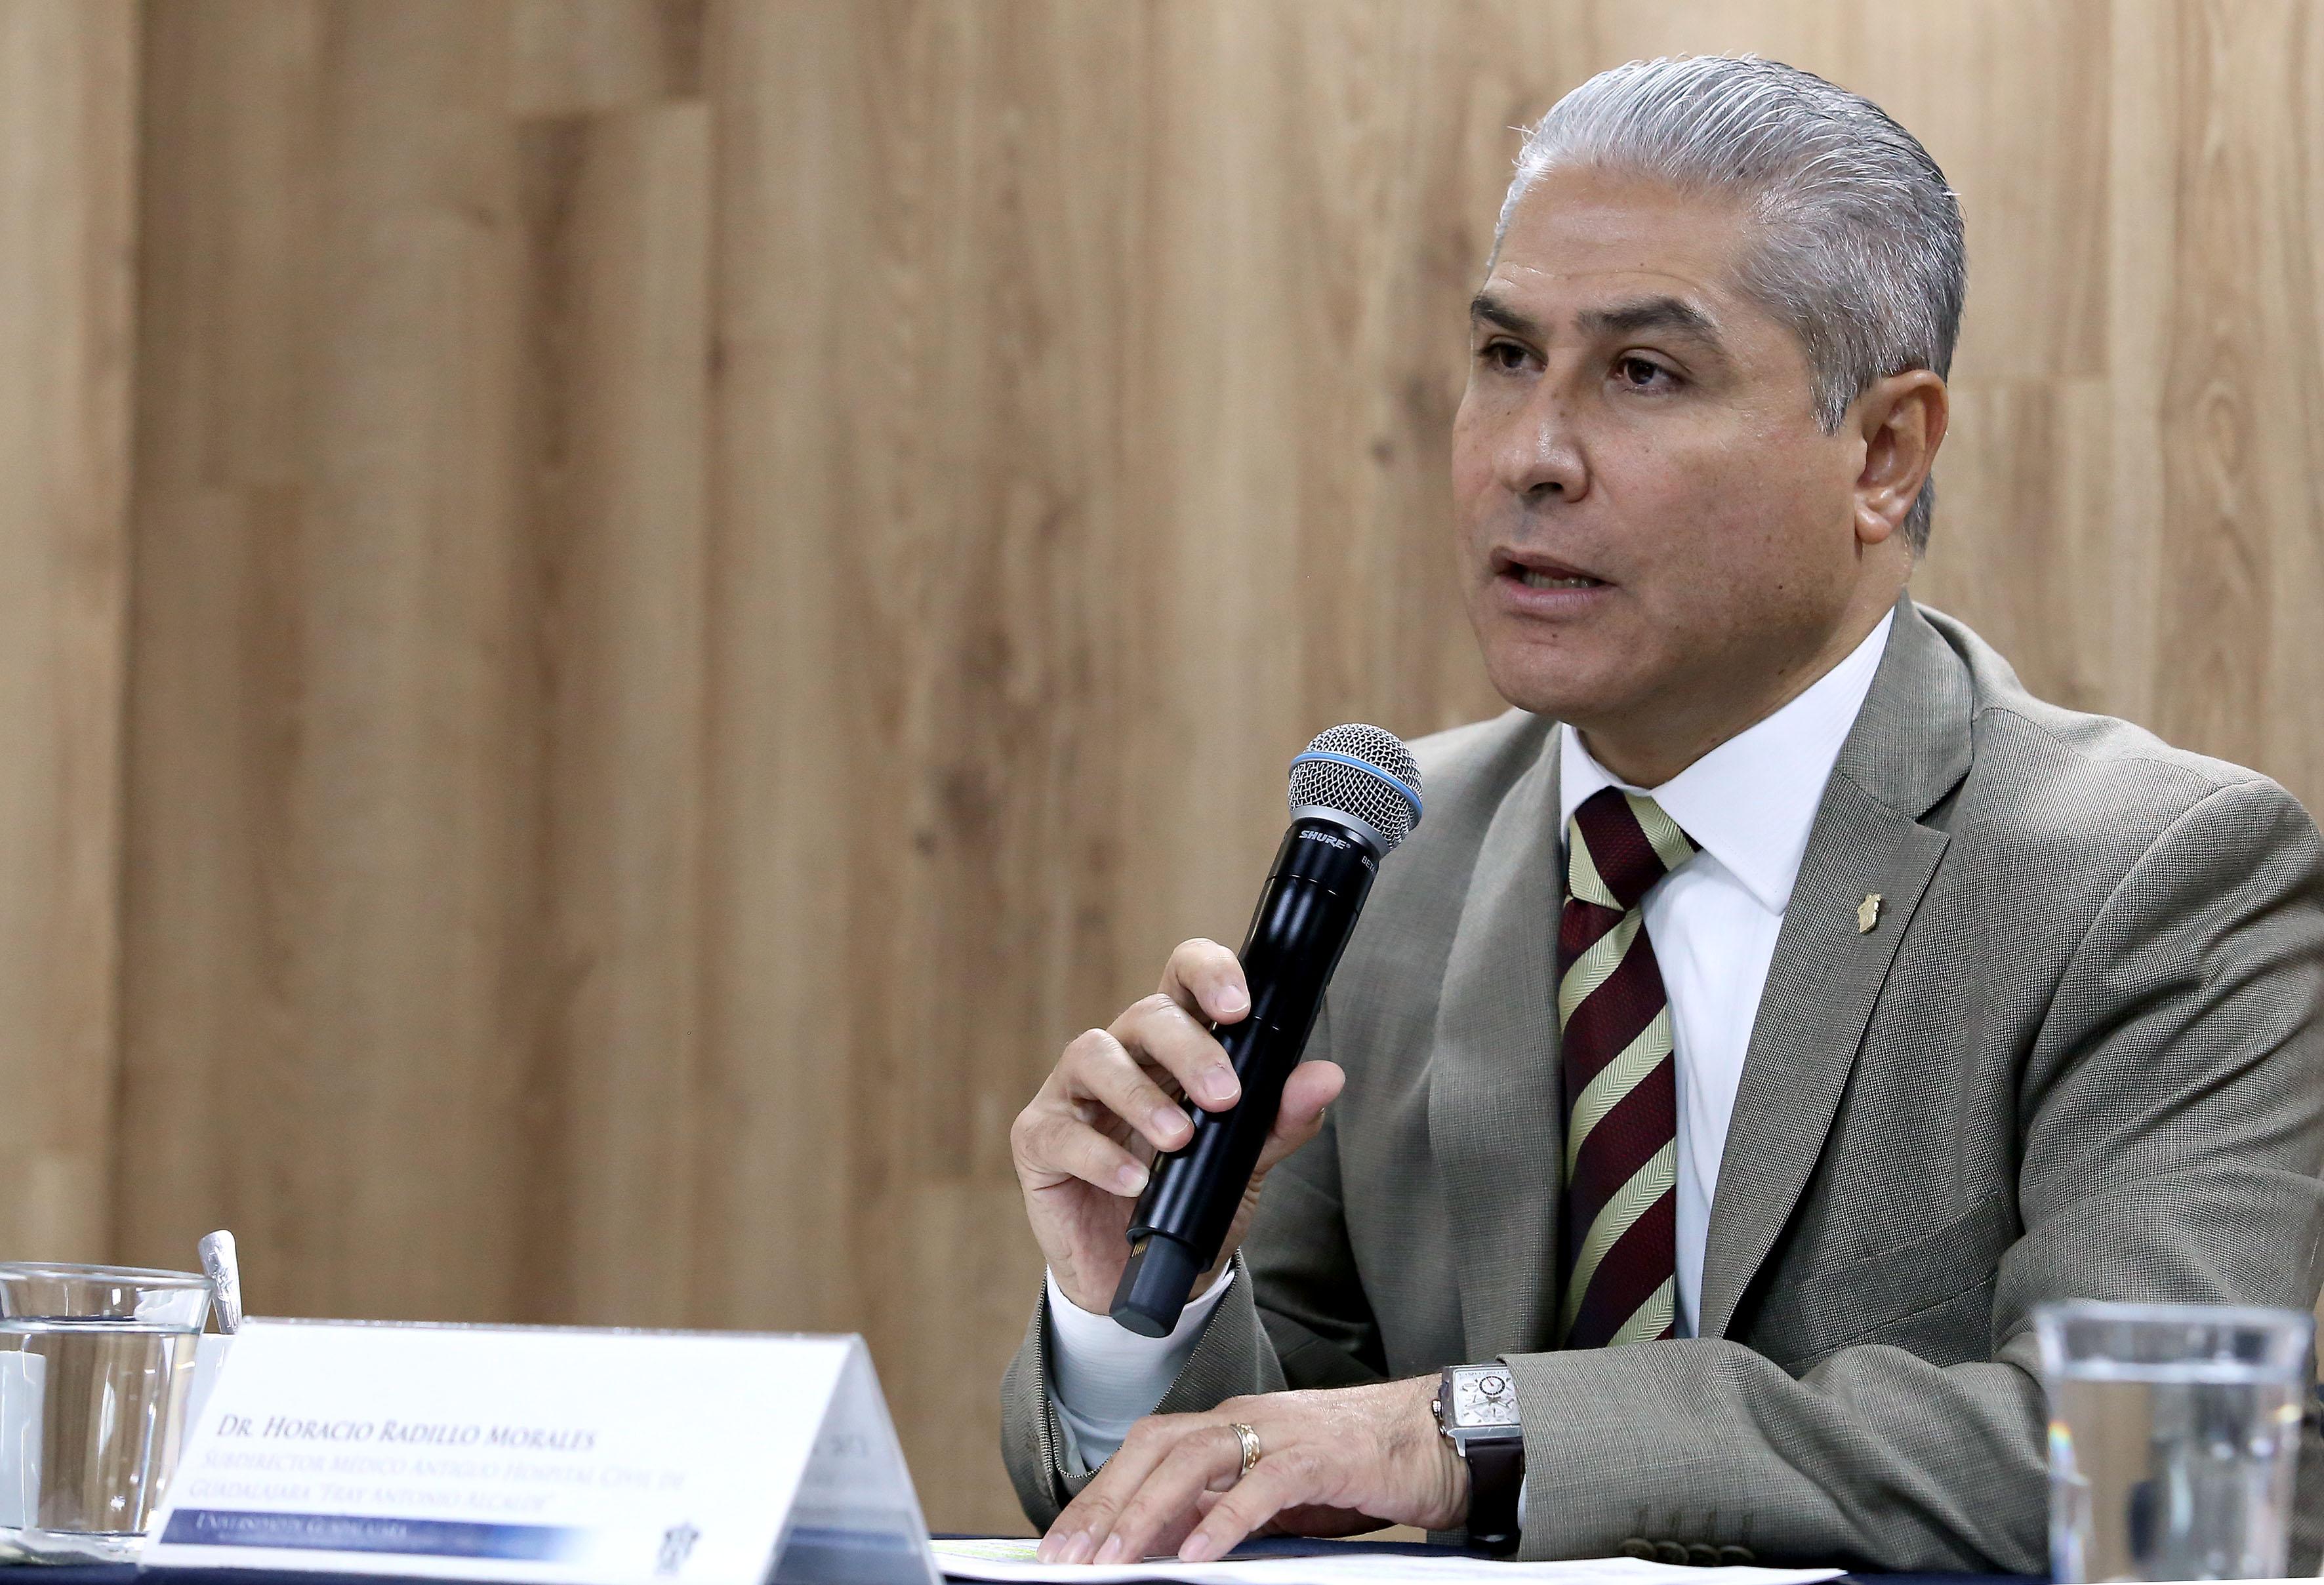 doctor Horacio Radillo Morales, subdirector médico del nosocomio. haciendo uso de la palabra